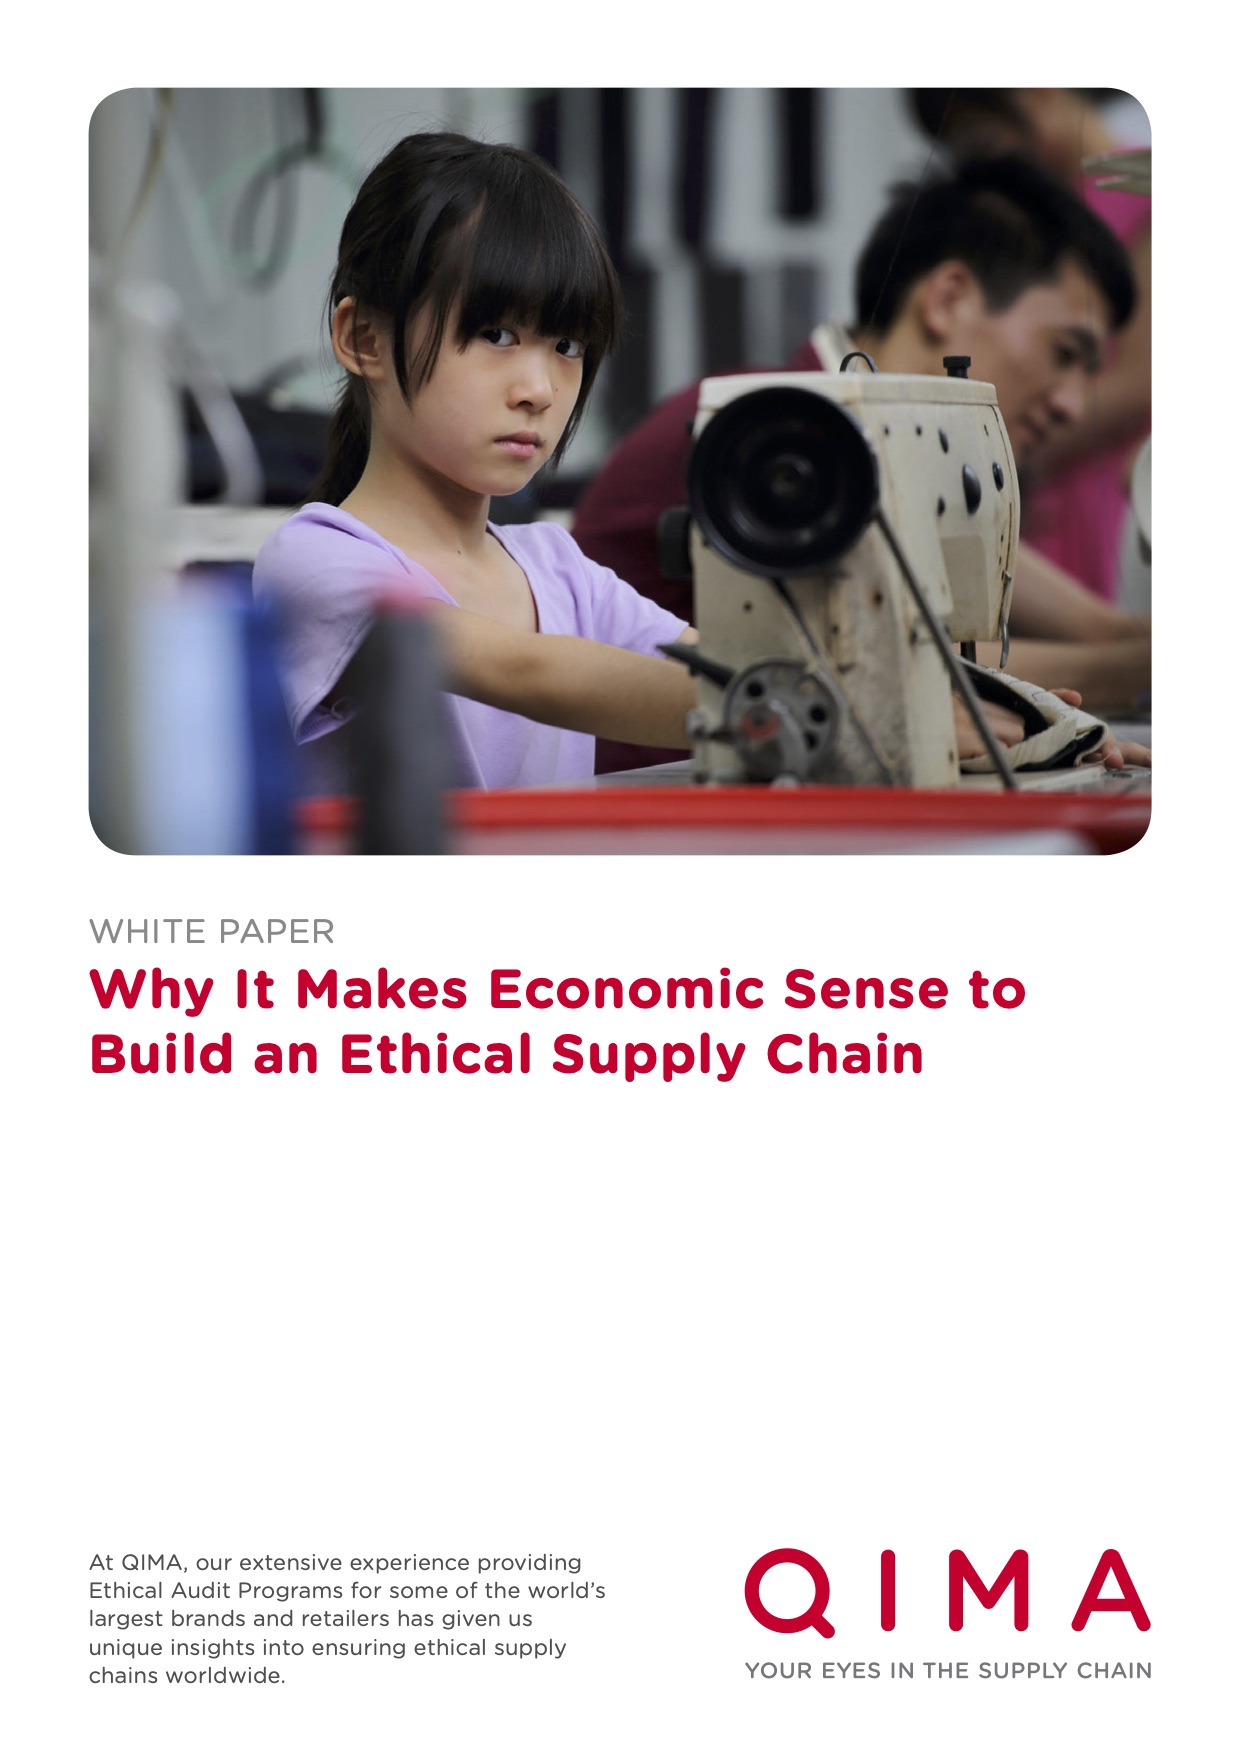 Etik Tedarik Zinciri Masraf Değil, Yatırımdır